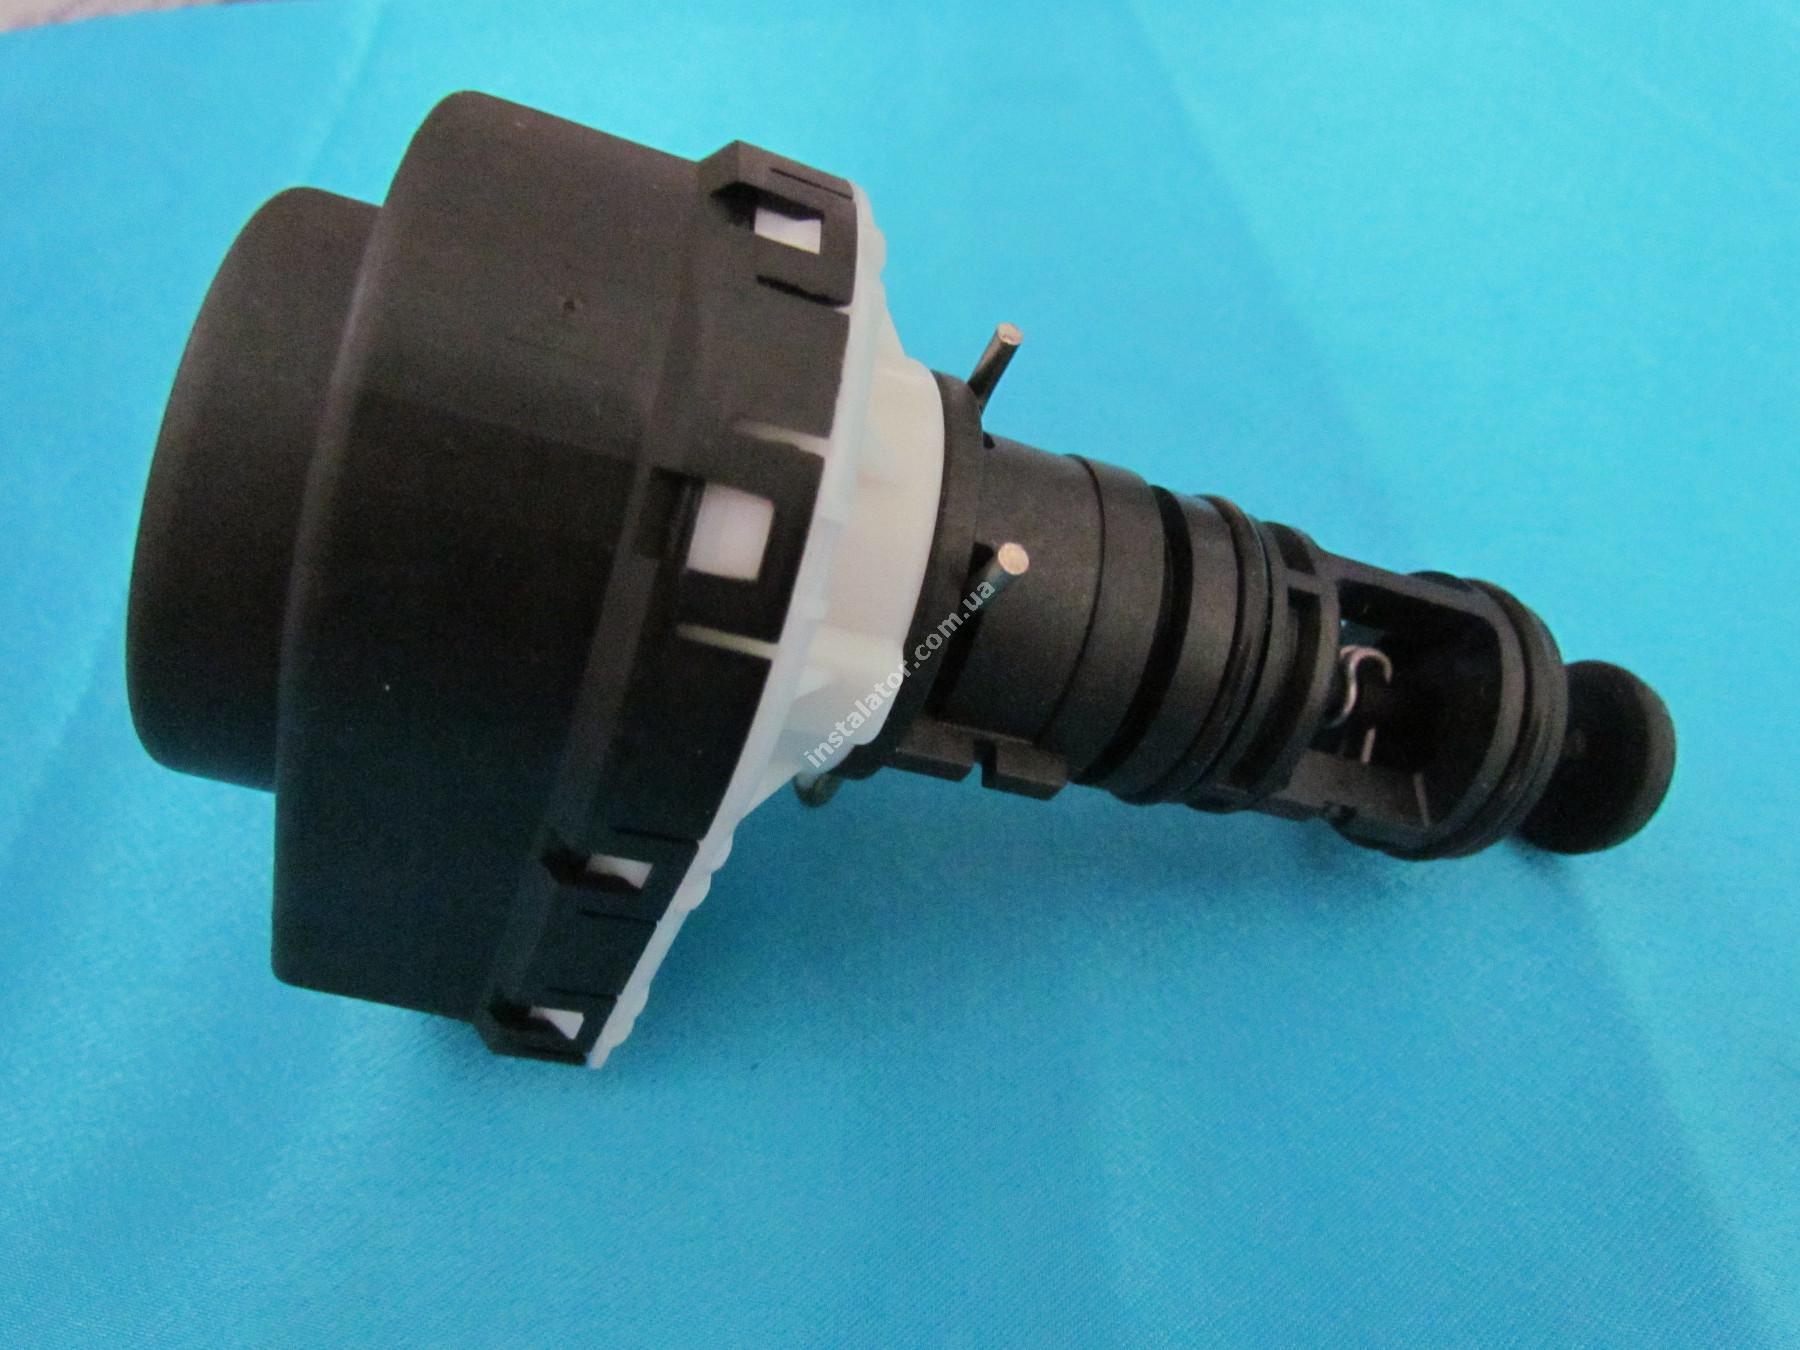 60001583 Клапан 3-х ходового в комплекті (привід +картридж) ARISTON GENUS, CLASS, BS, EGIS full-image-0